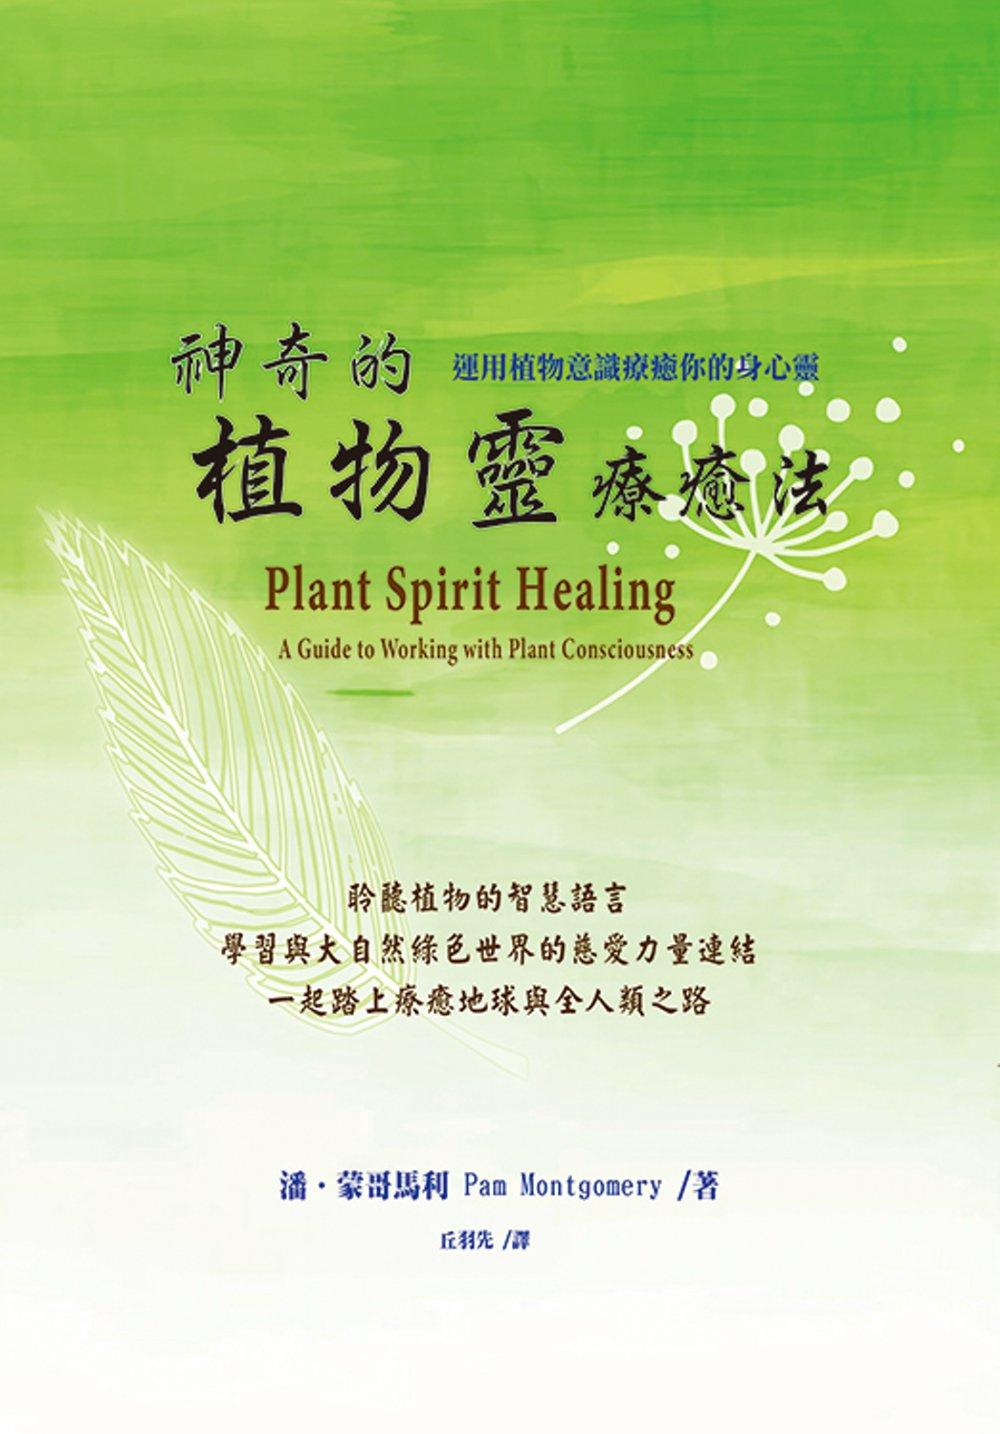 神奇的植物靈療癒...